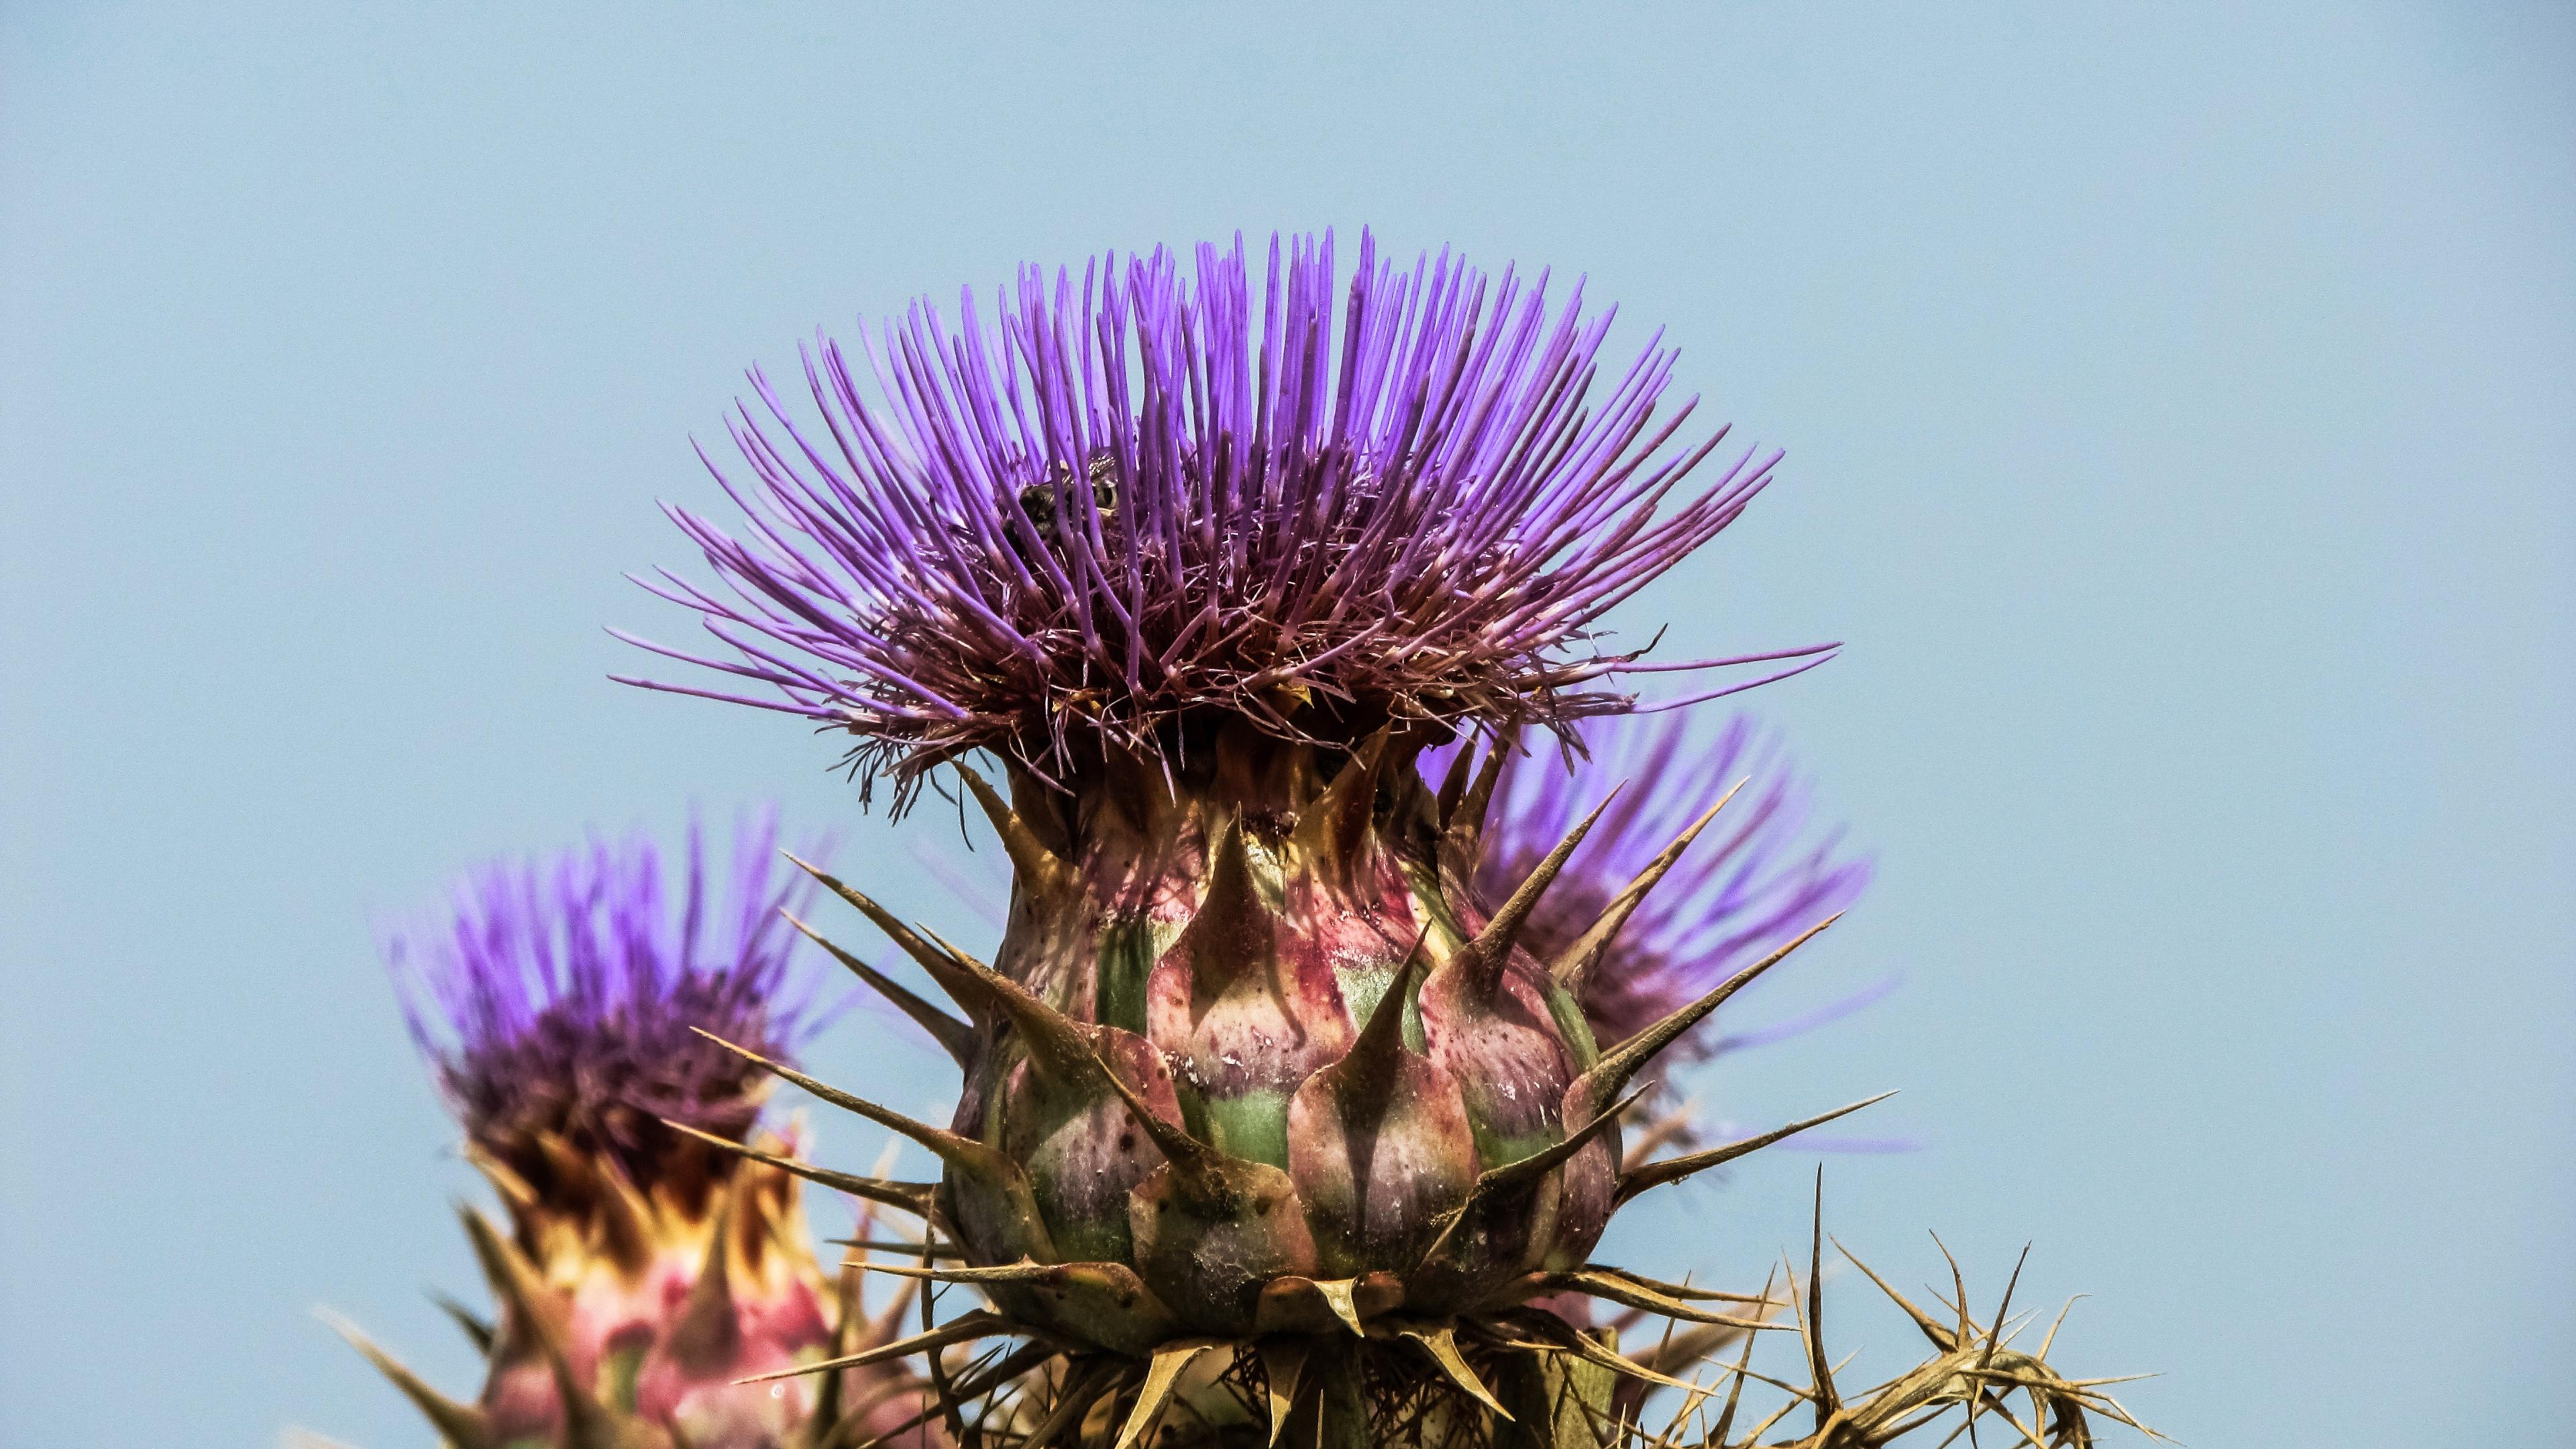 Испанский артишок, обои на рабочий стол фон цветы, природа 4k hd, 3840 на 2160 пикселей